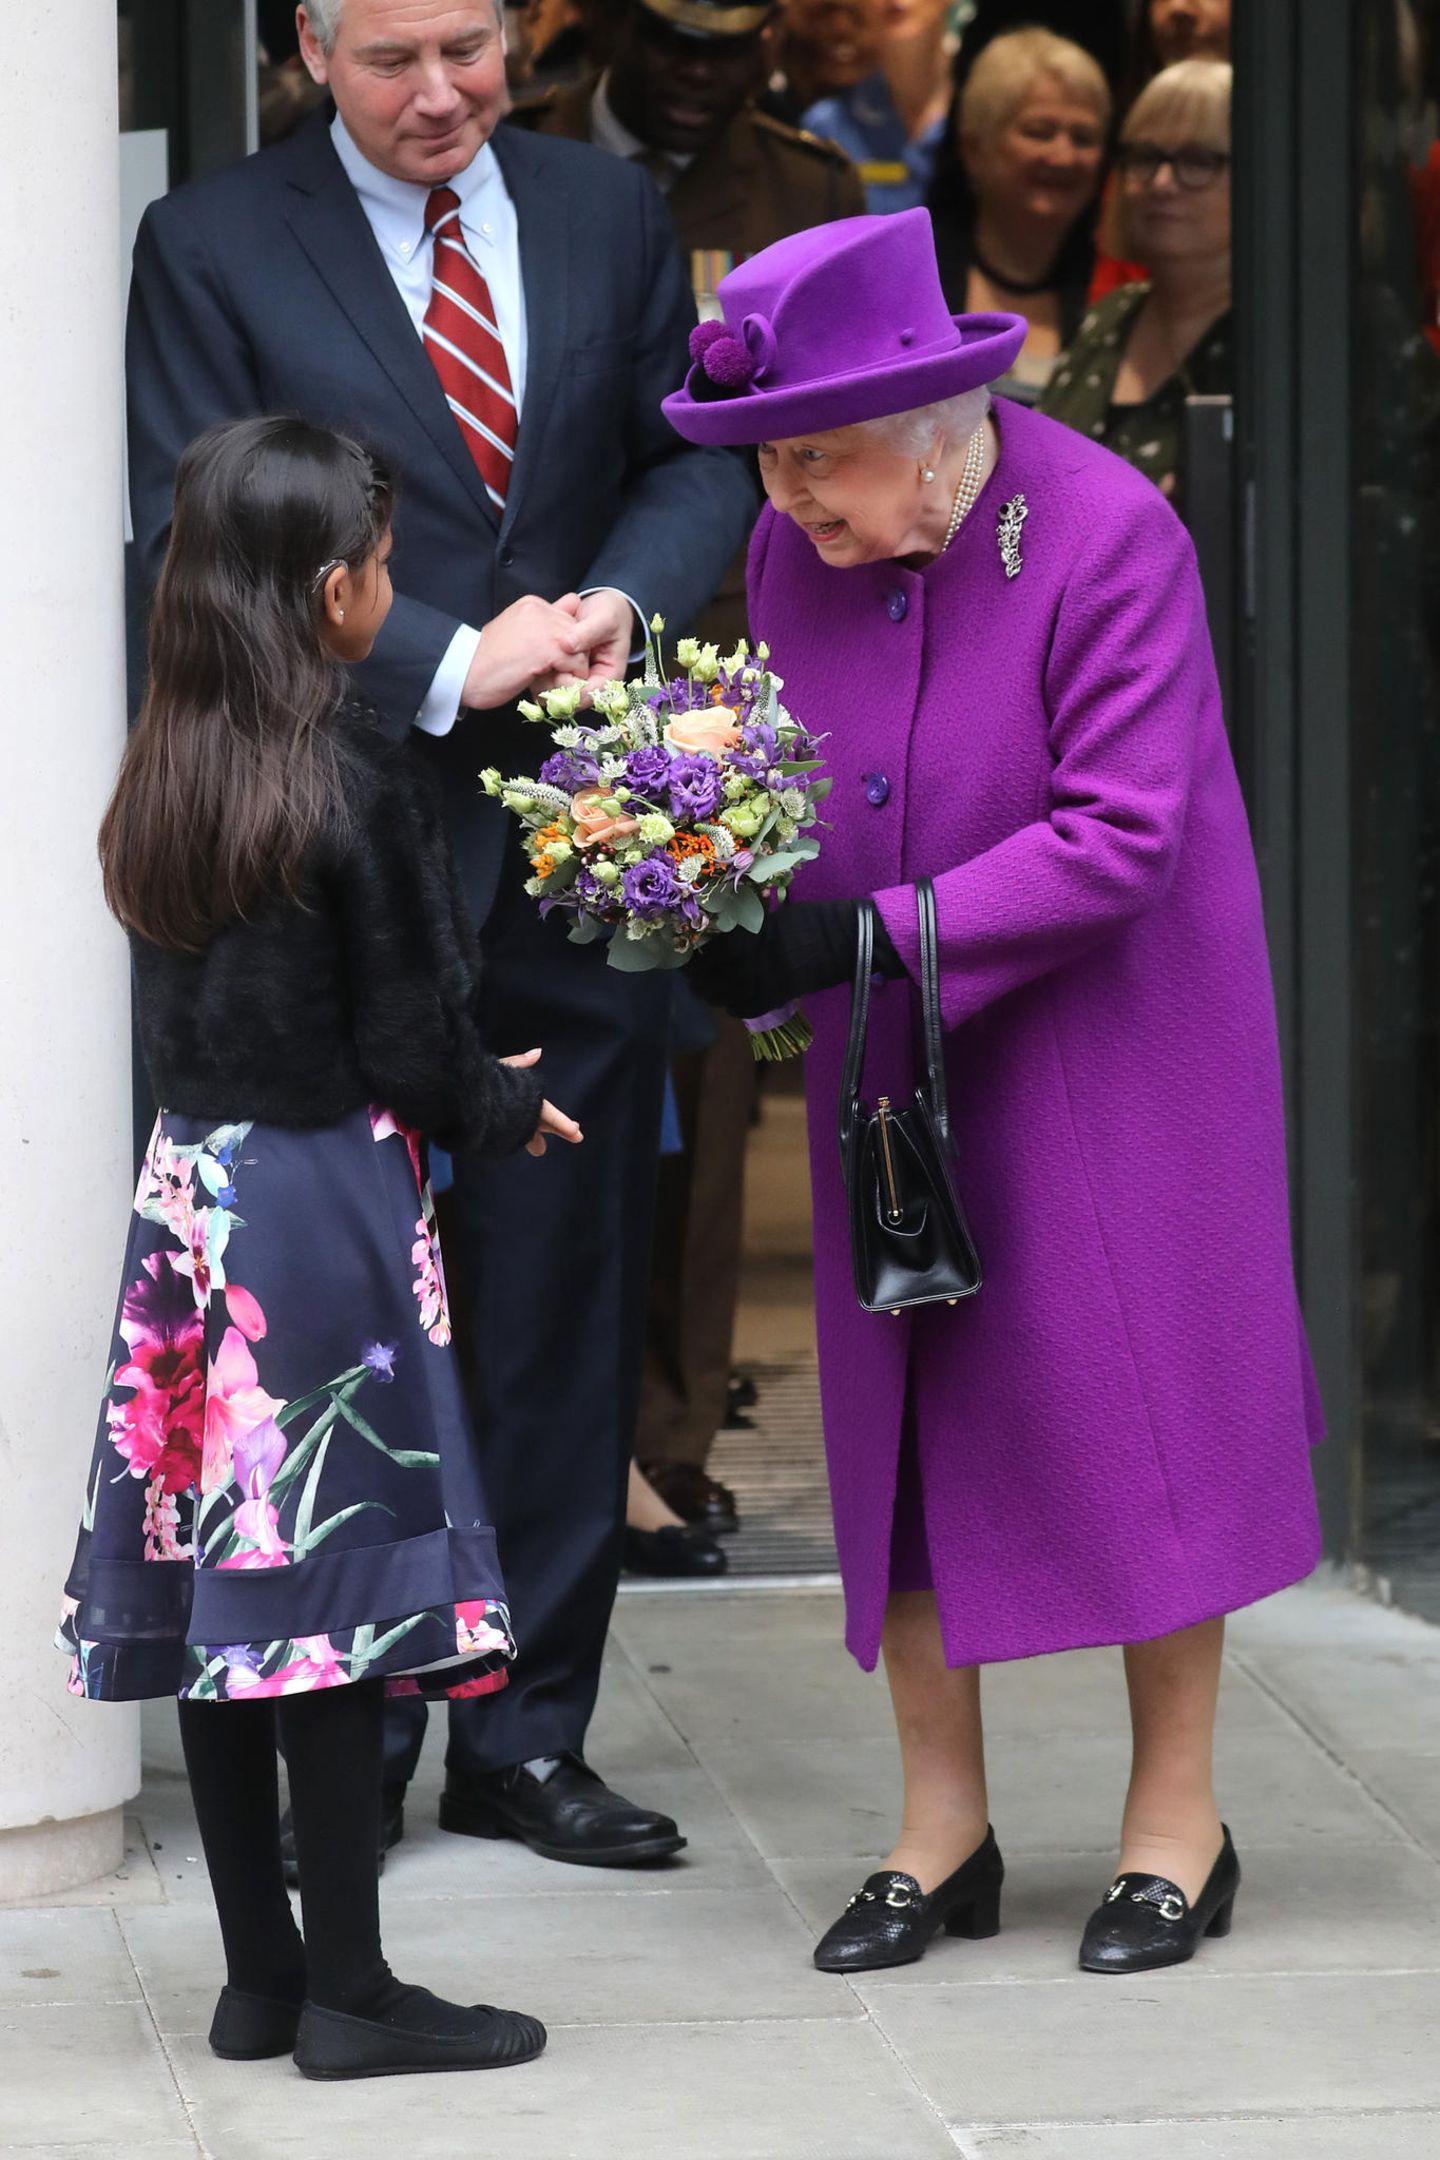 Lila, der (noch lange nicht) letzte Versuch: Queen Elizabeth nimmt in leuchtendem Violett einen Blumenstrauß beim Besuch eines Londoner Krankenhauses entgegen.